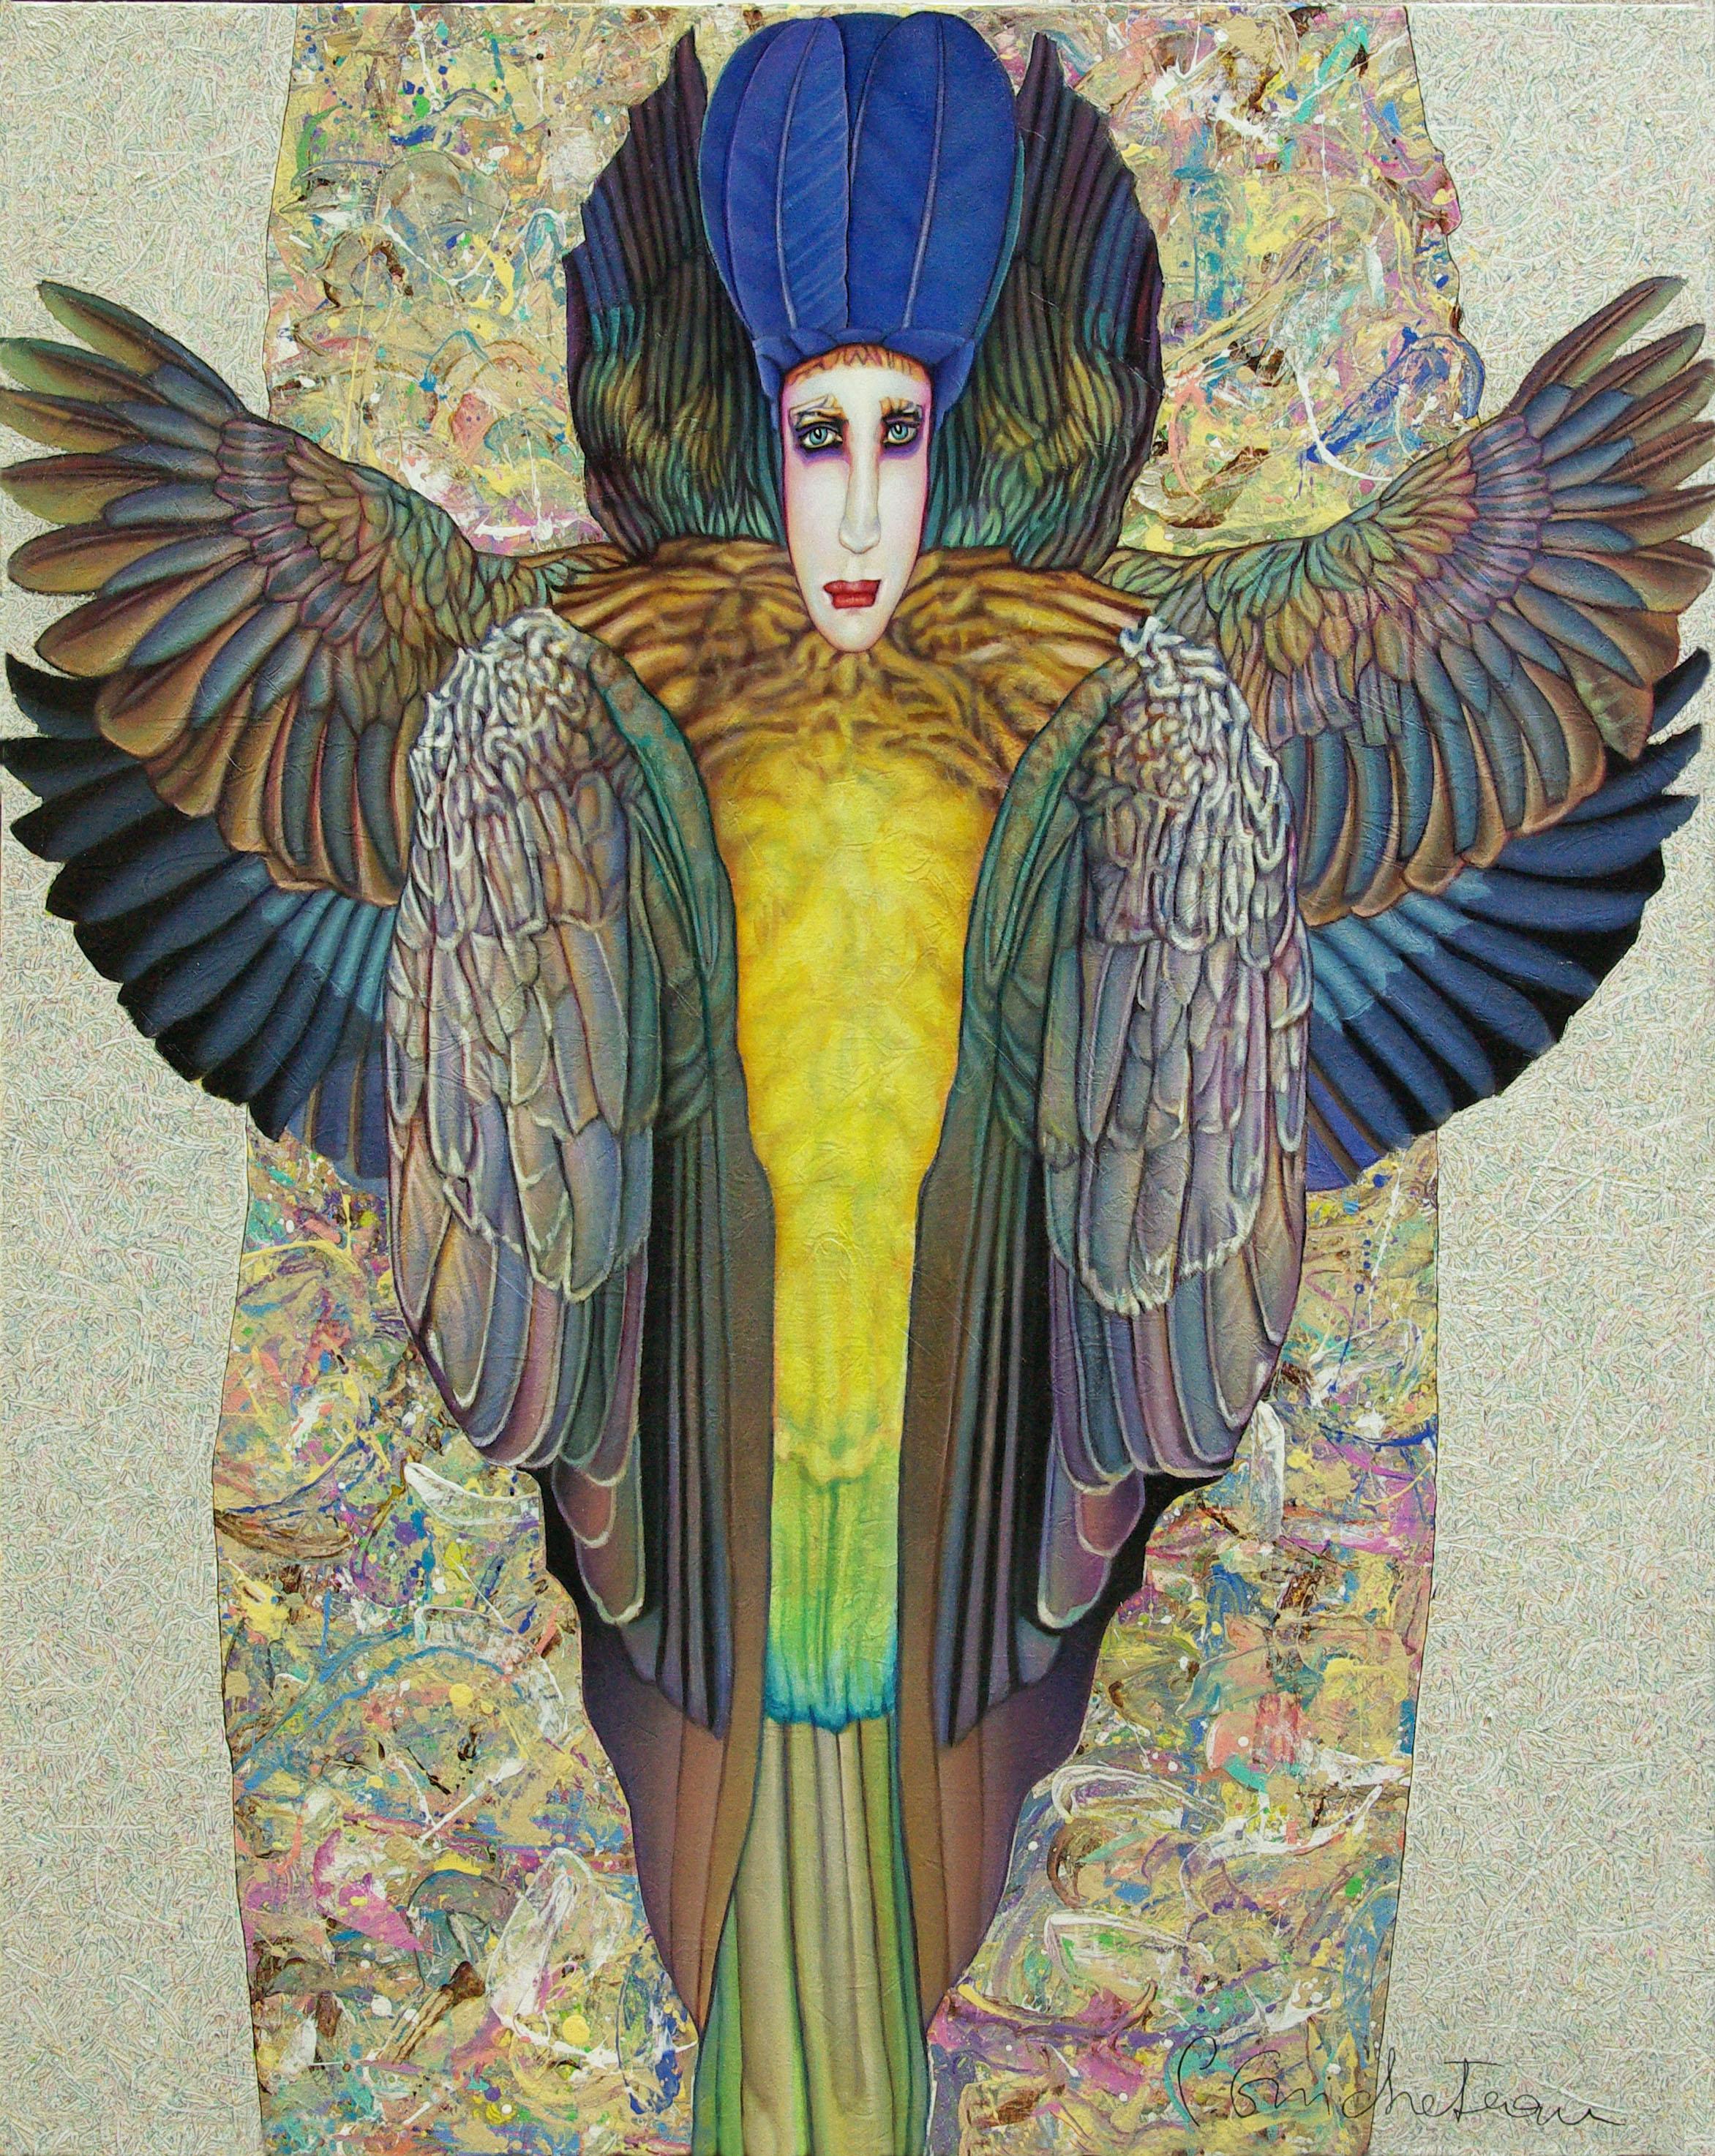 Bird Lady (116x92)